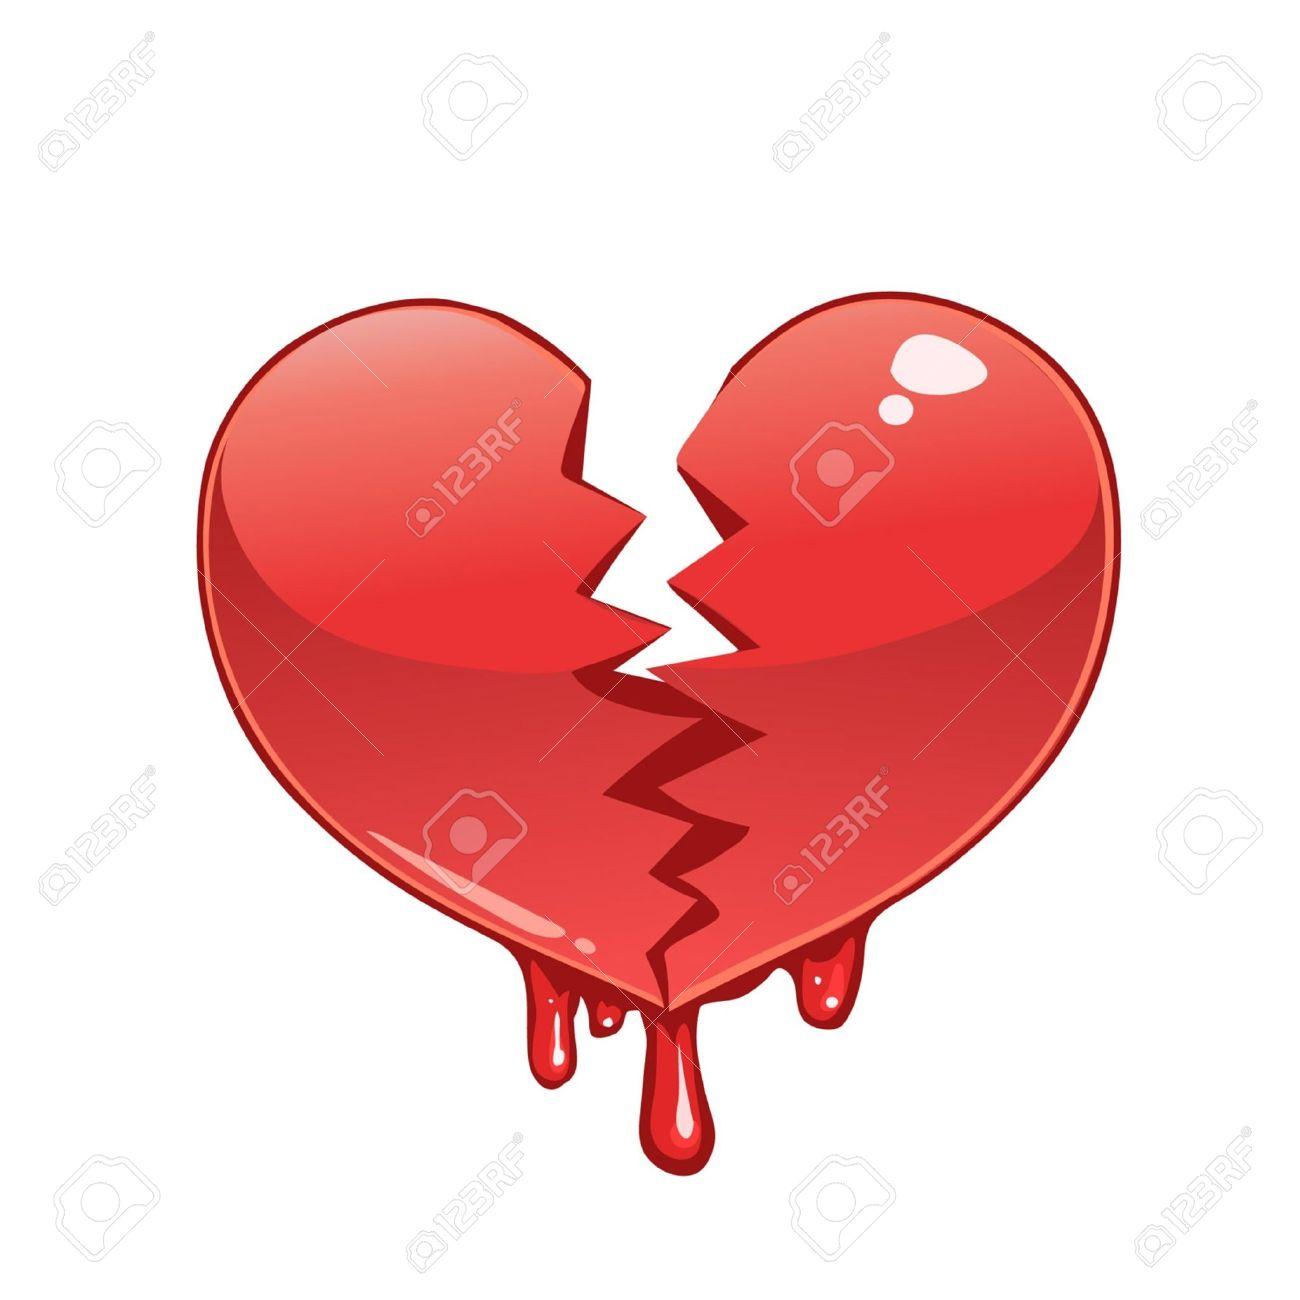 Corazón Roto Y Sangrando Ilustraciones Vectoriales Clip Art